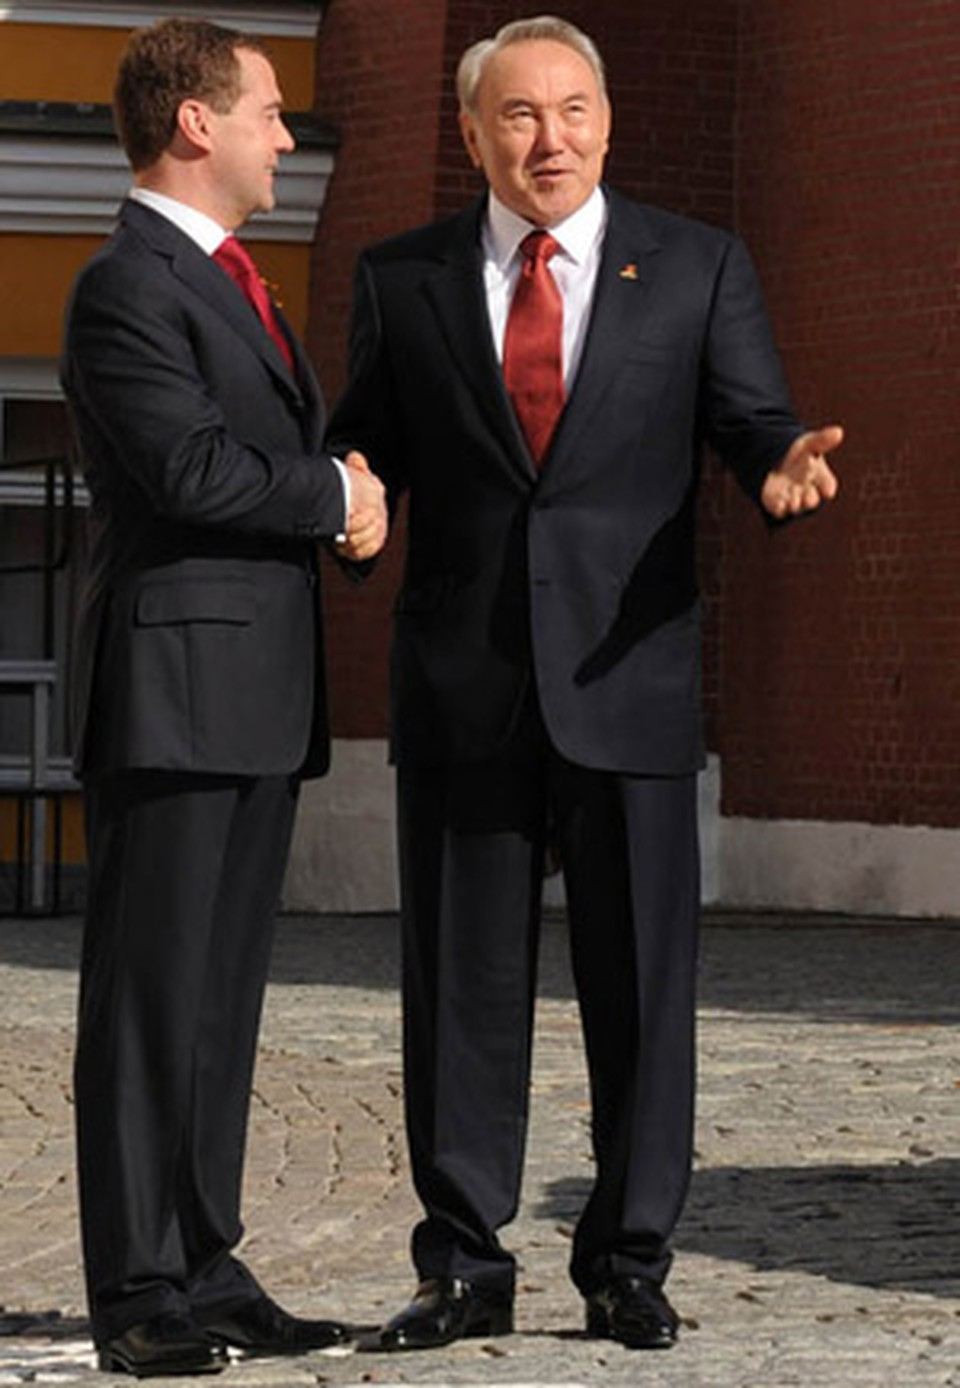 Лидер, пользующийся безусловным доверием населения, сам по себе является гарантией сохранения стабильности государства.